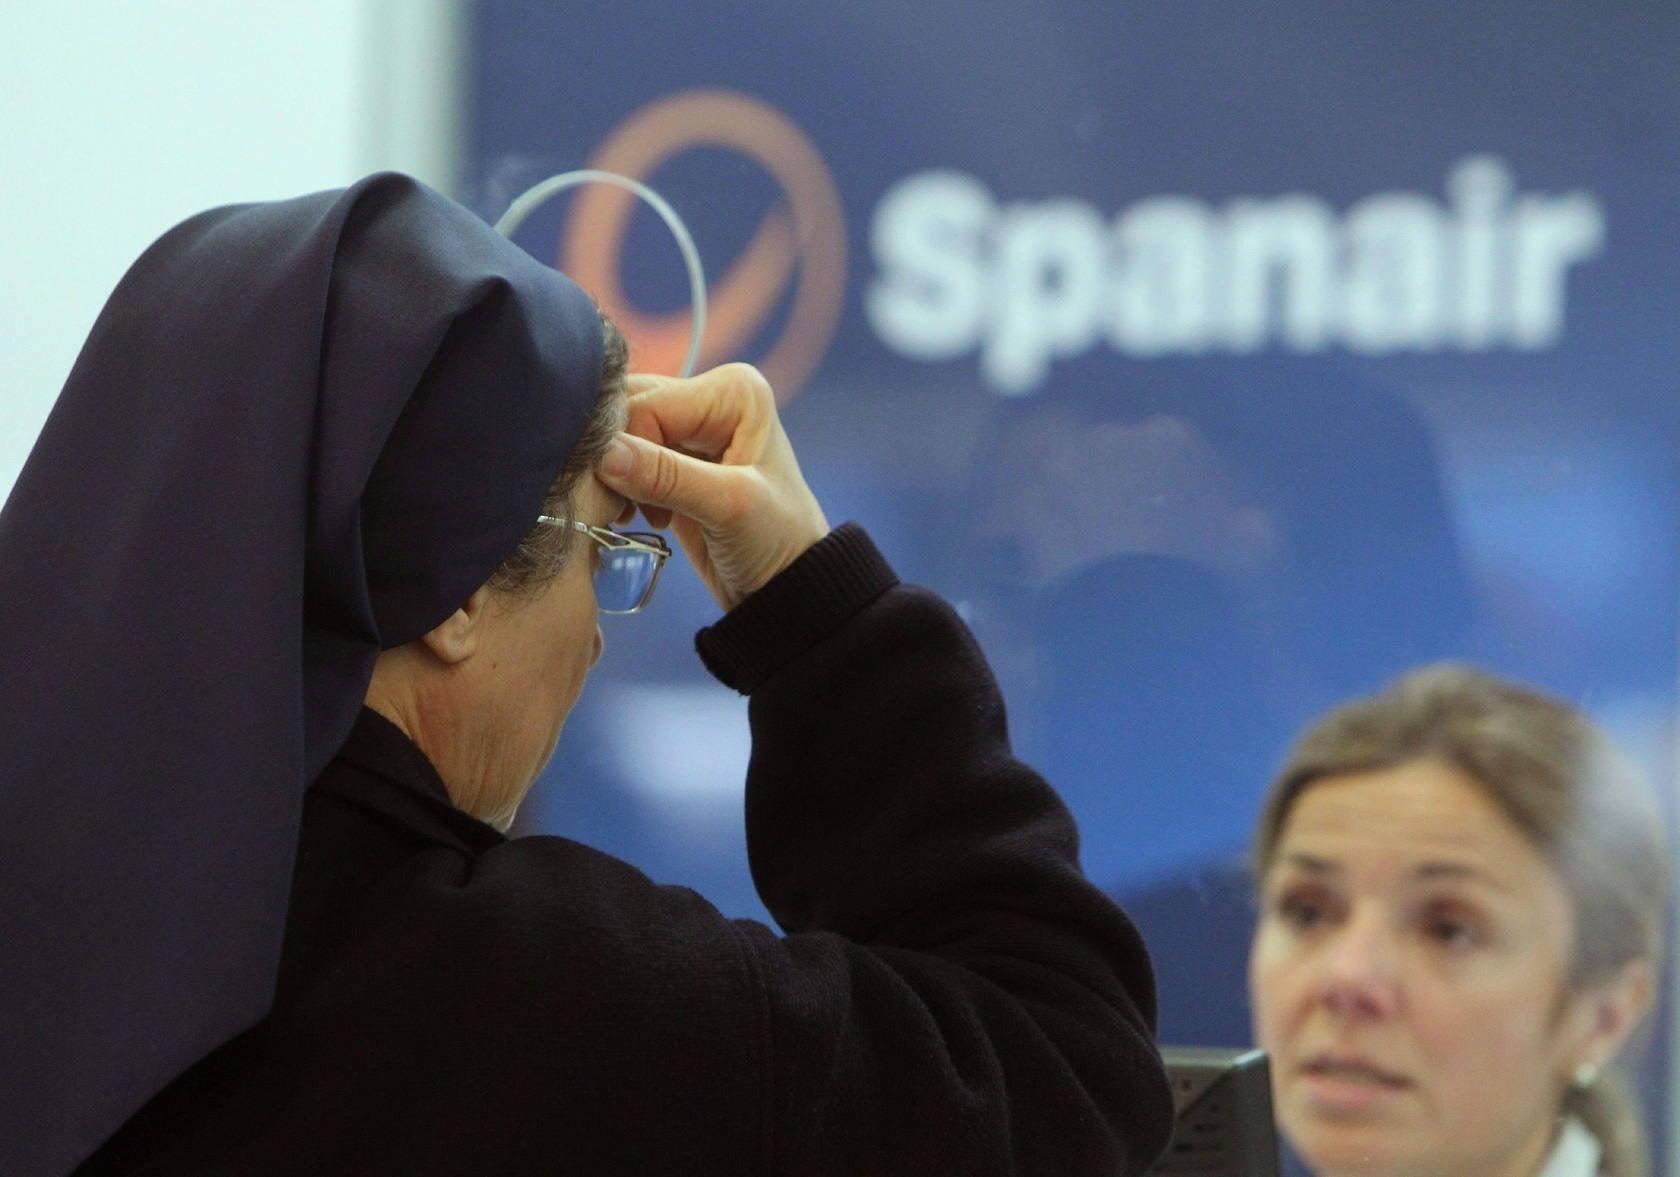 El cese de Spanair desata elc aos en los aeropuertos